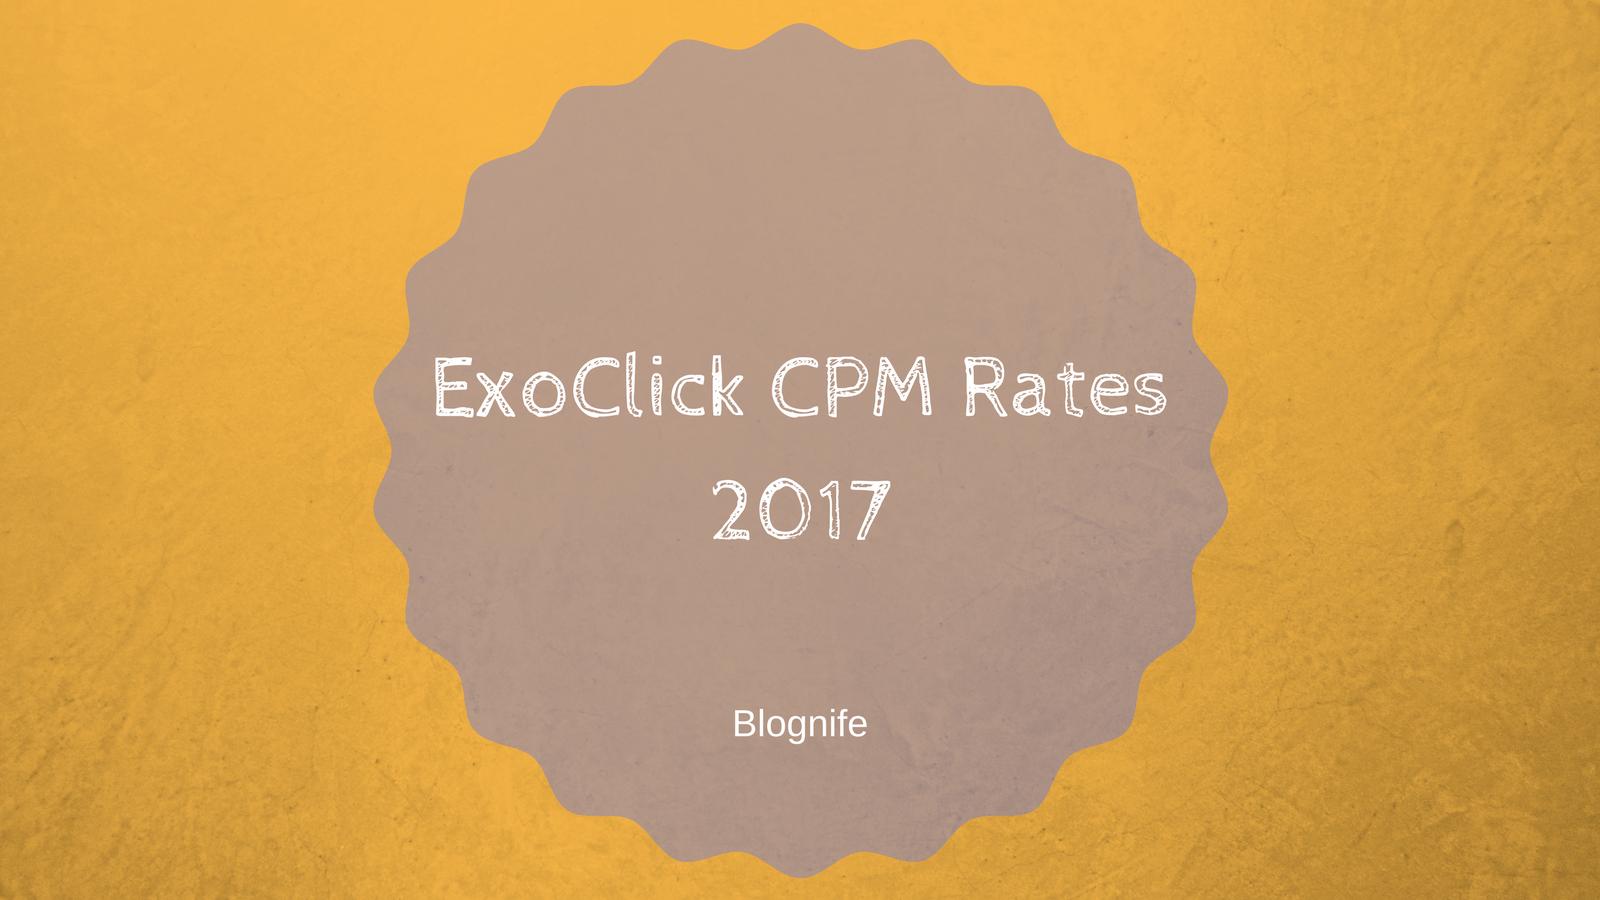 ExoClick CPM Rates 2019